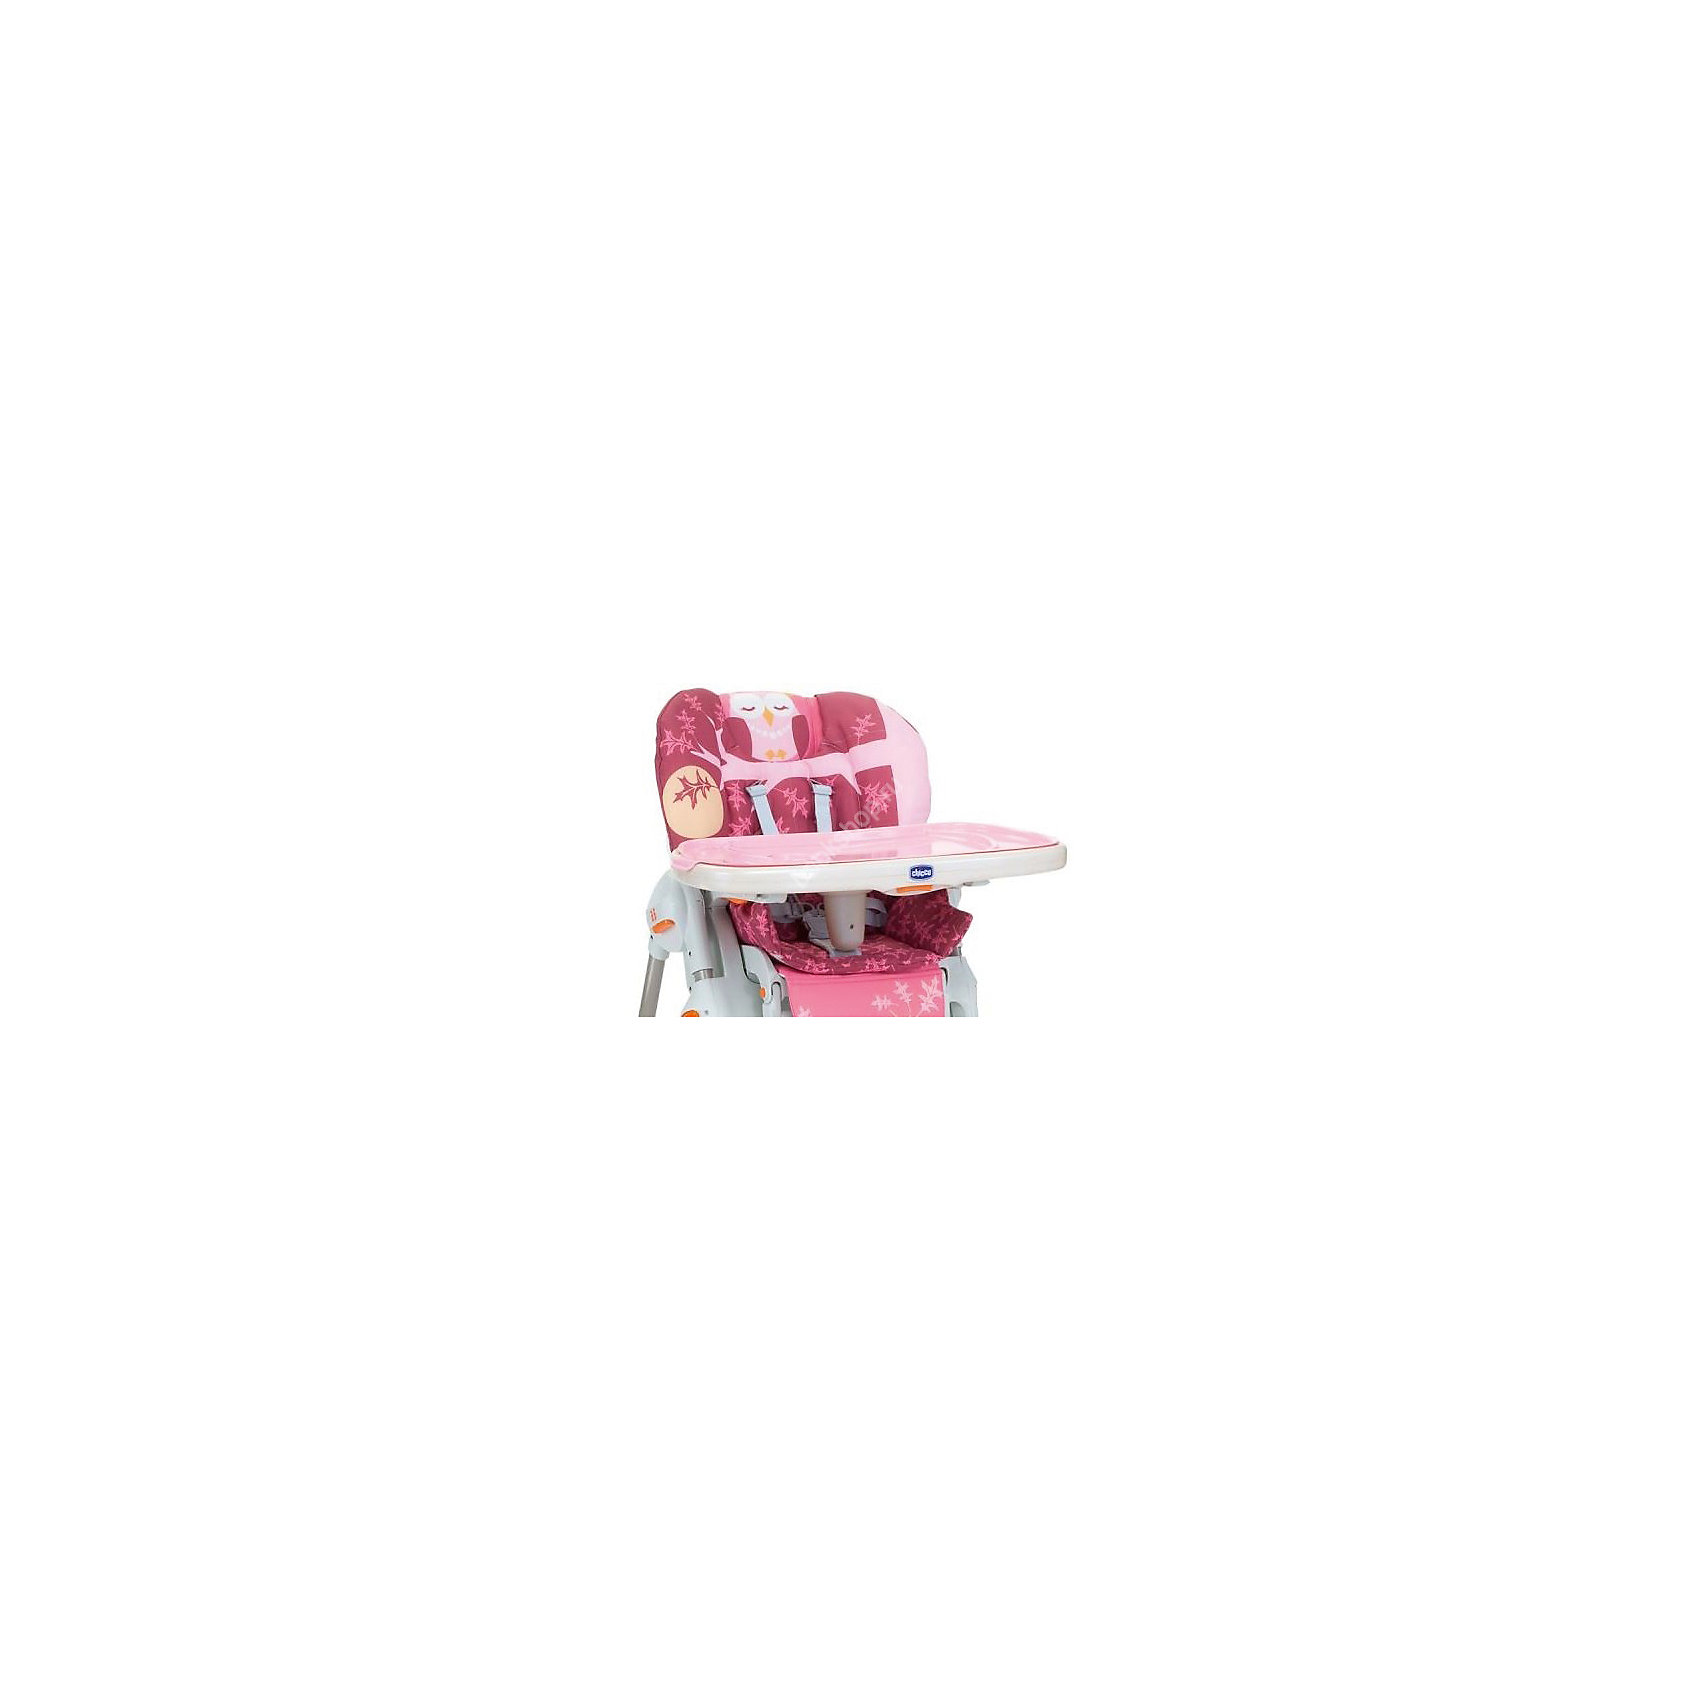 Съёмный поднос для POLLY, CHICCO, розовыйот +6 месяцев<br>Съемный поднос для стульчика Polly – отличная вещь для родителей, которые хотят обновить дизайн детского стульчика без серьезных затрат. Поднос защитит столик от загрязнений во время принятия пищи. Аксессуар легко очищается и снимается.  По бокам у подноса есть защелки, которые прочно крепят его к столику, защищая поднос от падения. У представленной модели присутствуют ограничители для тарелочек и чашки малыша. Материалы, использованные при изготовлении подноса, отвечают всем современным требованиям к качеству и безопасности детских товаров.<br><br>Дополнительная информация:<br><br>материал: пластик;<br>цвет: розовый;<br>аксессуар подходит для стульчика Polly 2 в 1.<br><br>Съемный поднос для Polly фирмы CHICCO можно купить в нашем магазине.<br><br>Ширина мм: 660<br>Глубина мм: 330<br>Высота мм: 25<br>Вес г: 450<br>Возраст от месяцев: 6<br>Возраст до месяцев: 36<br>Пол: Унисекс<br>Возраст: Детский<br>SKU: 4964757